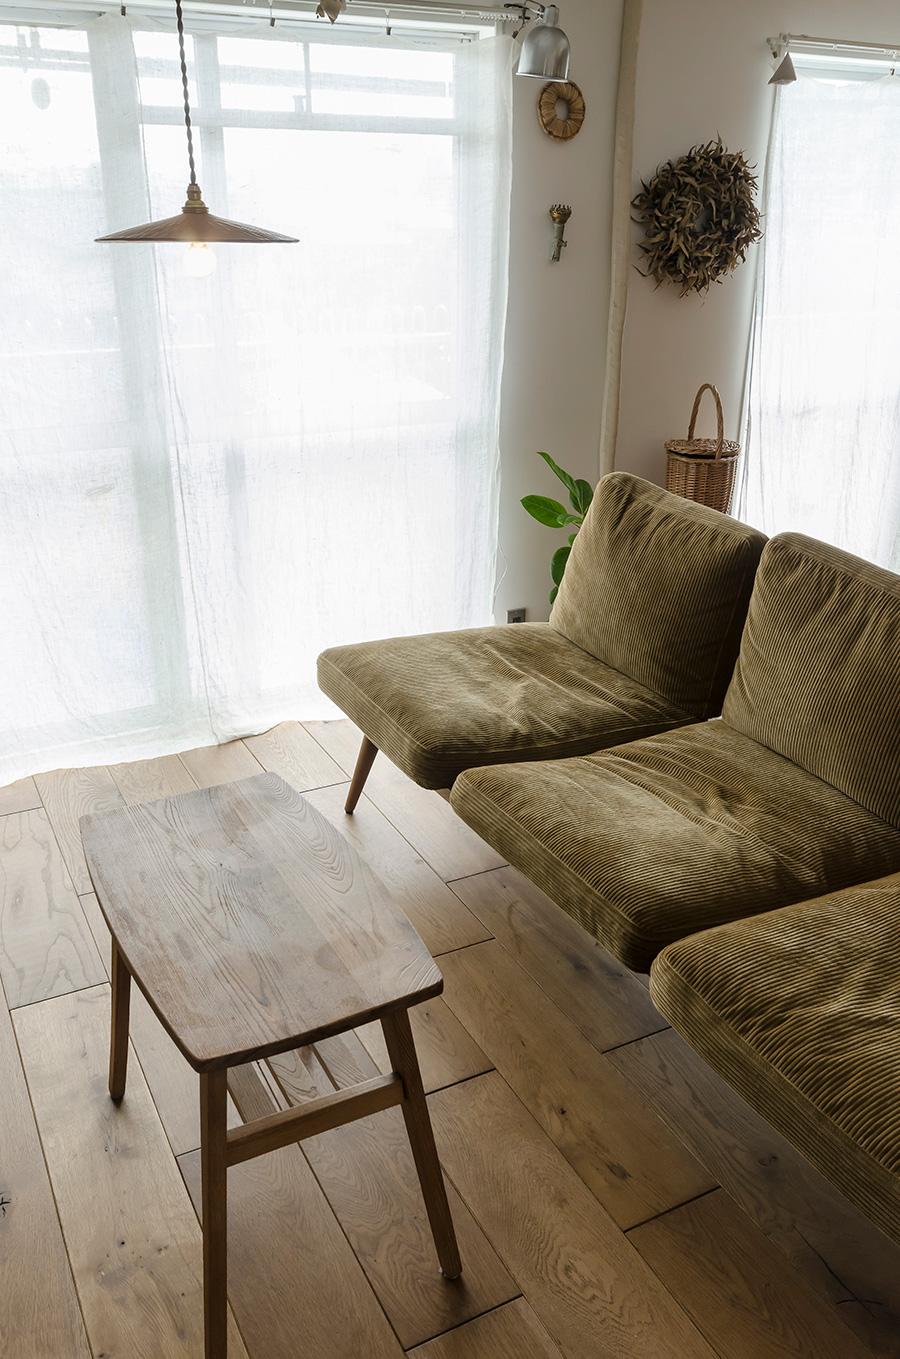 フェザーのソファは「TRUCK」で購入した。